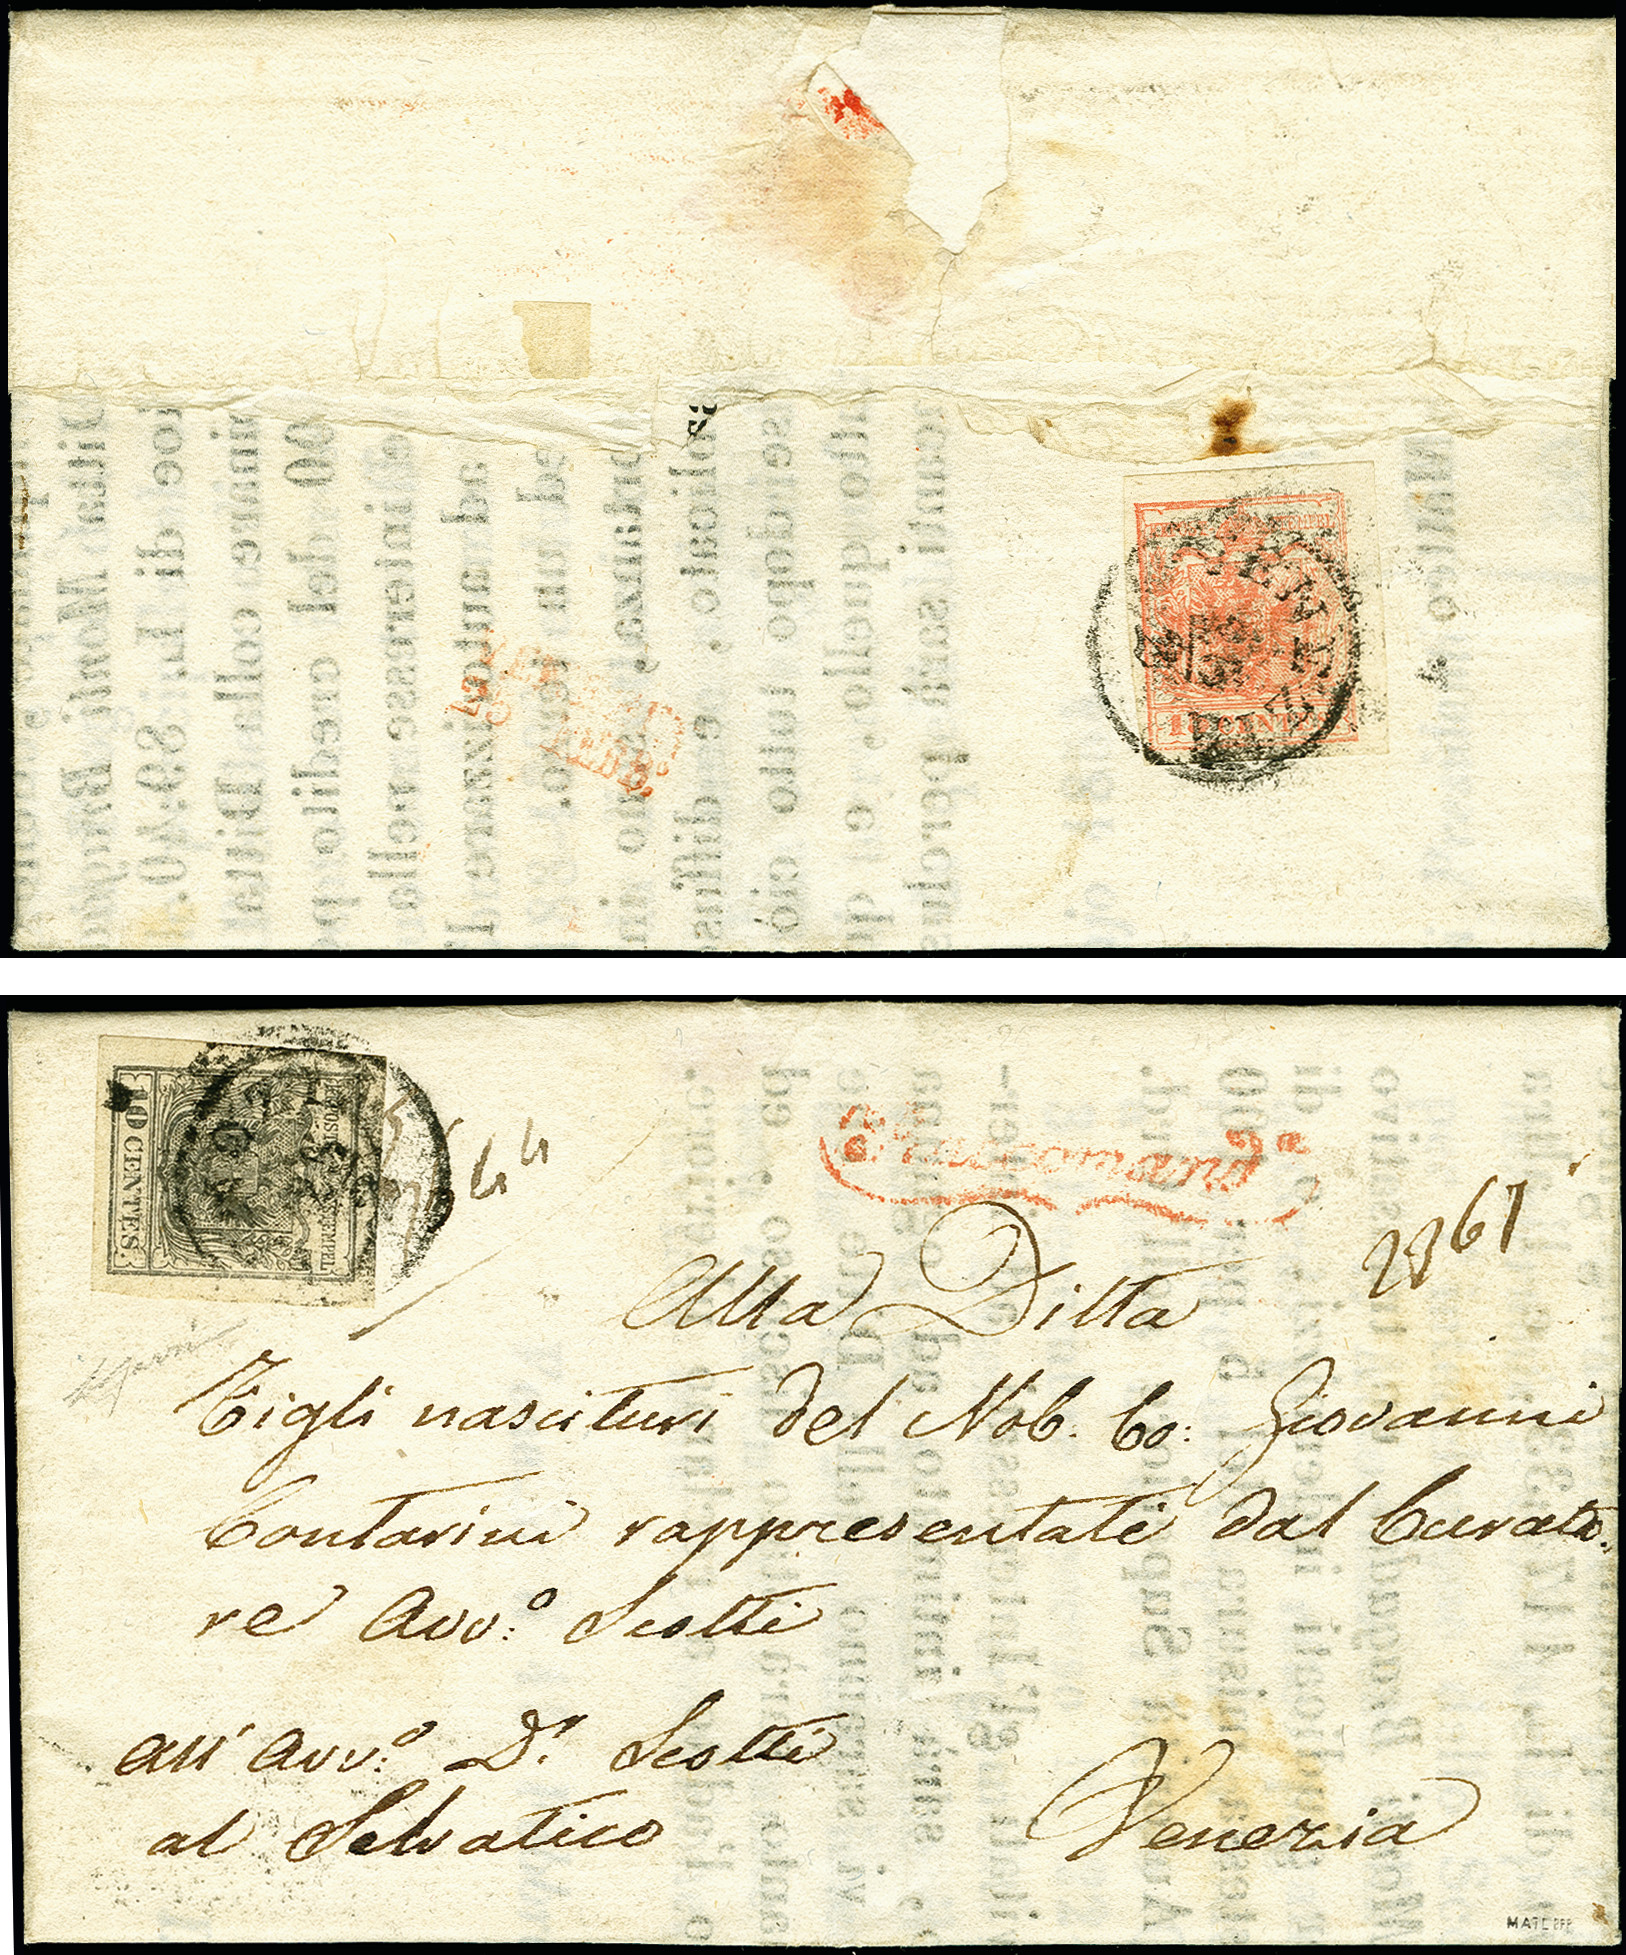 Lot 1097 - österreich lombardy venetia -  Heinrich Koehler Auktionen 375rd Heinrich Köhler auction - Day 1